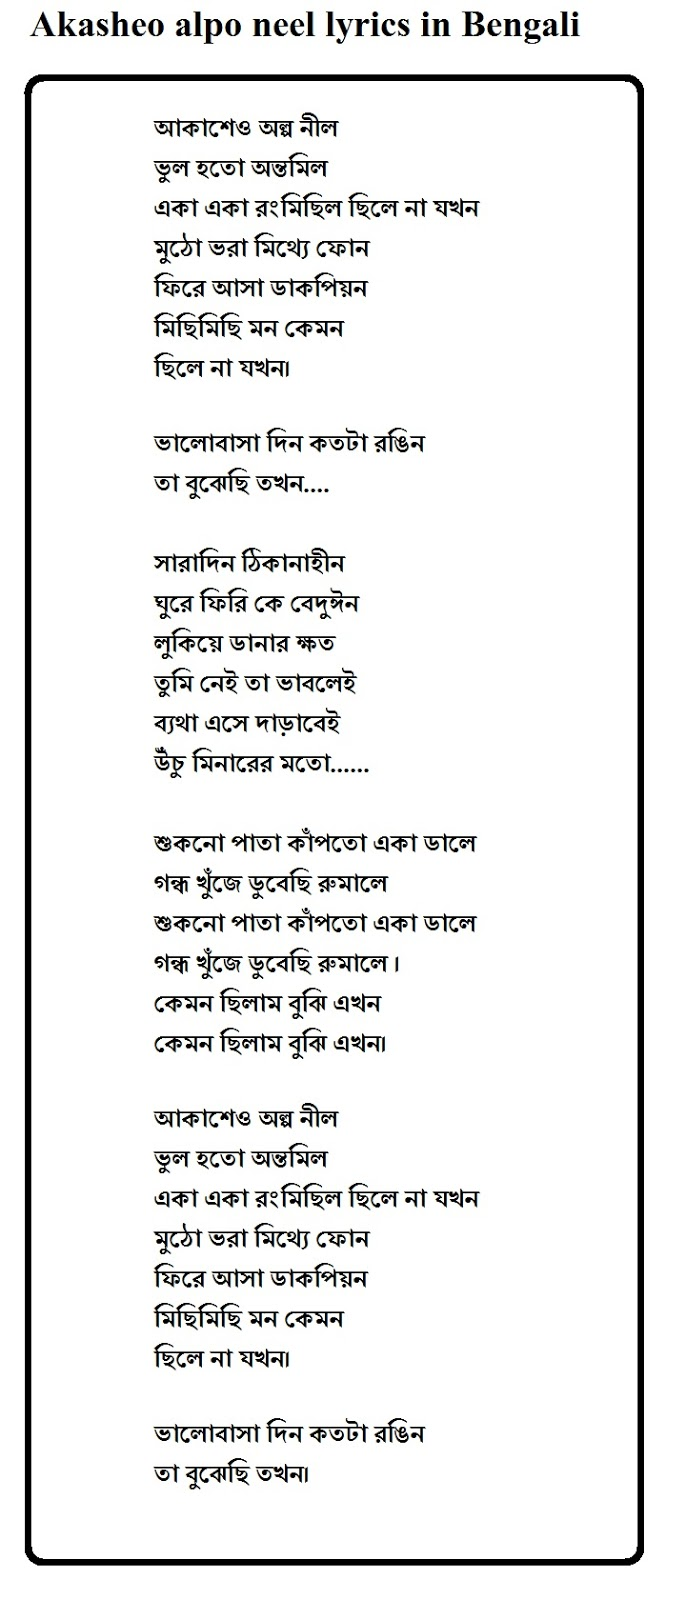 Akasheo alpo neel lyrics in Bengali